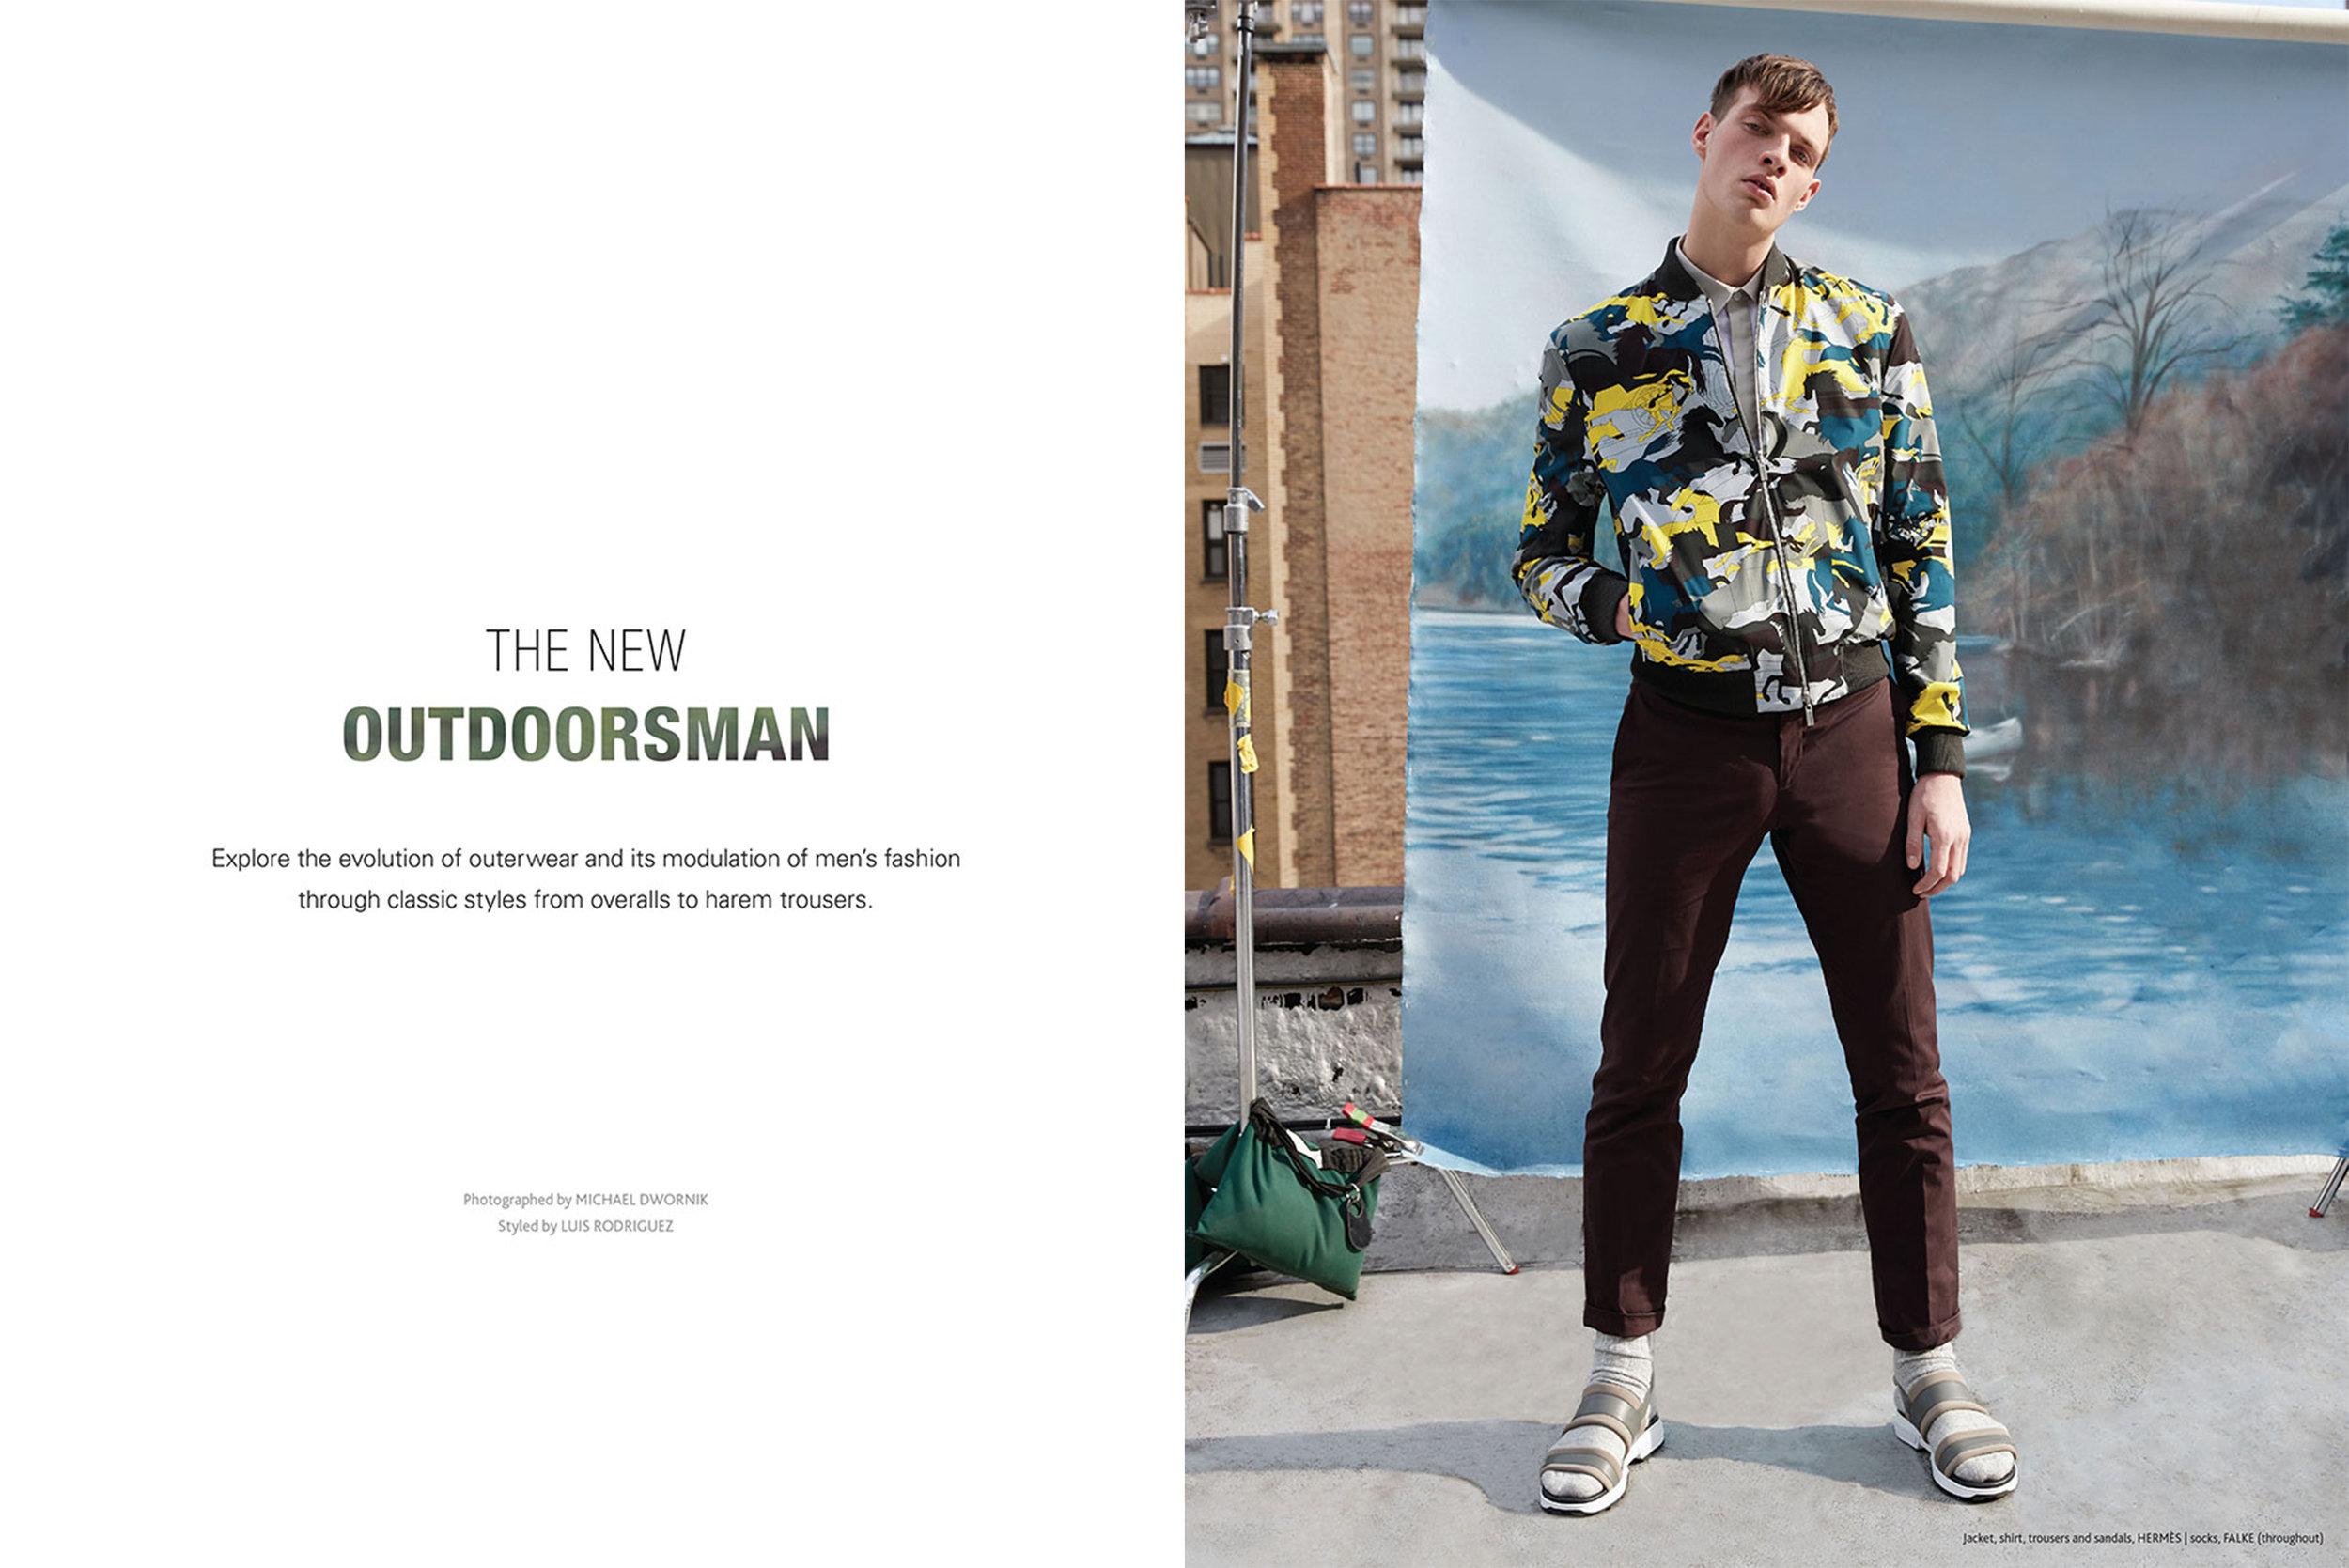 New-Outdoorsman-1.jpg